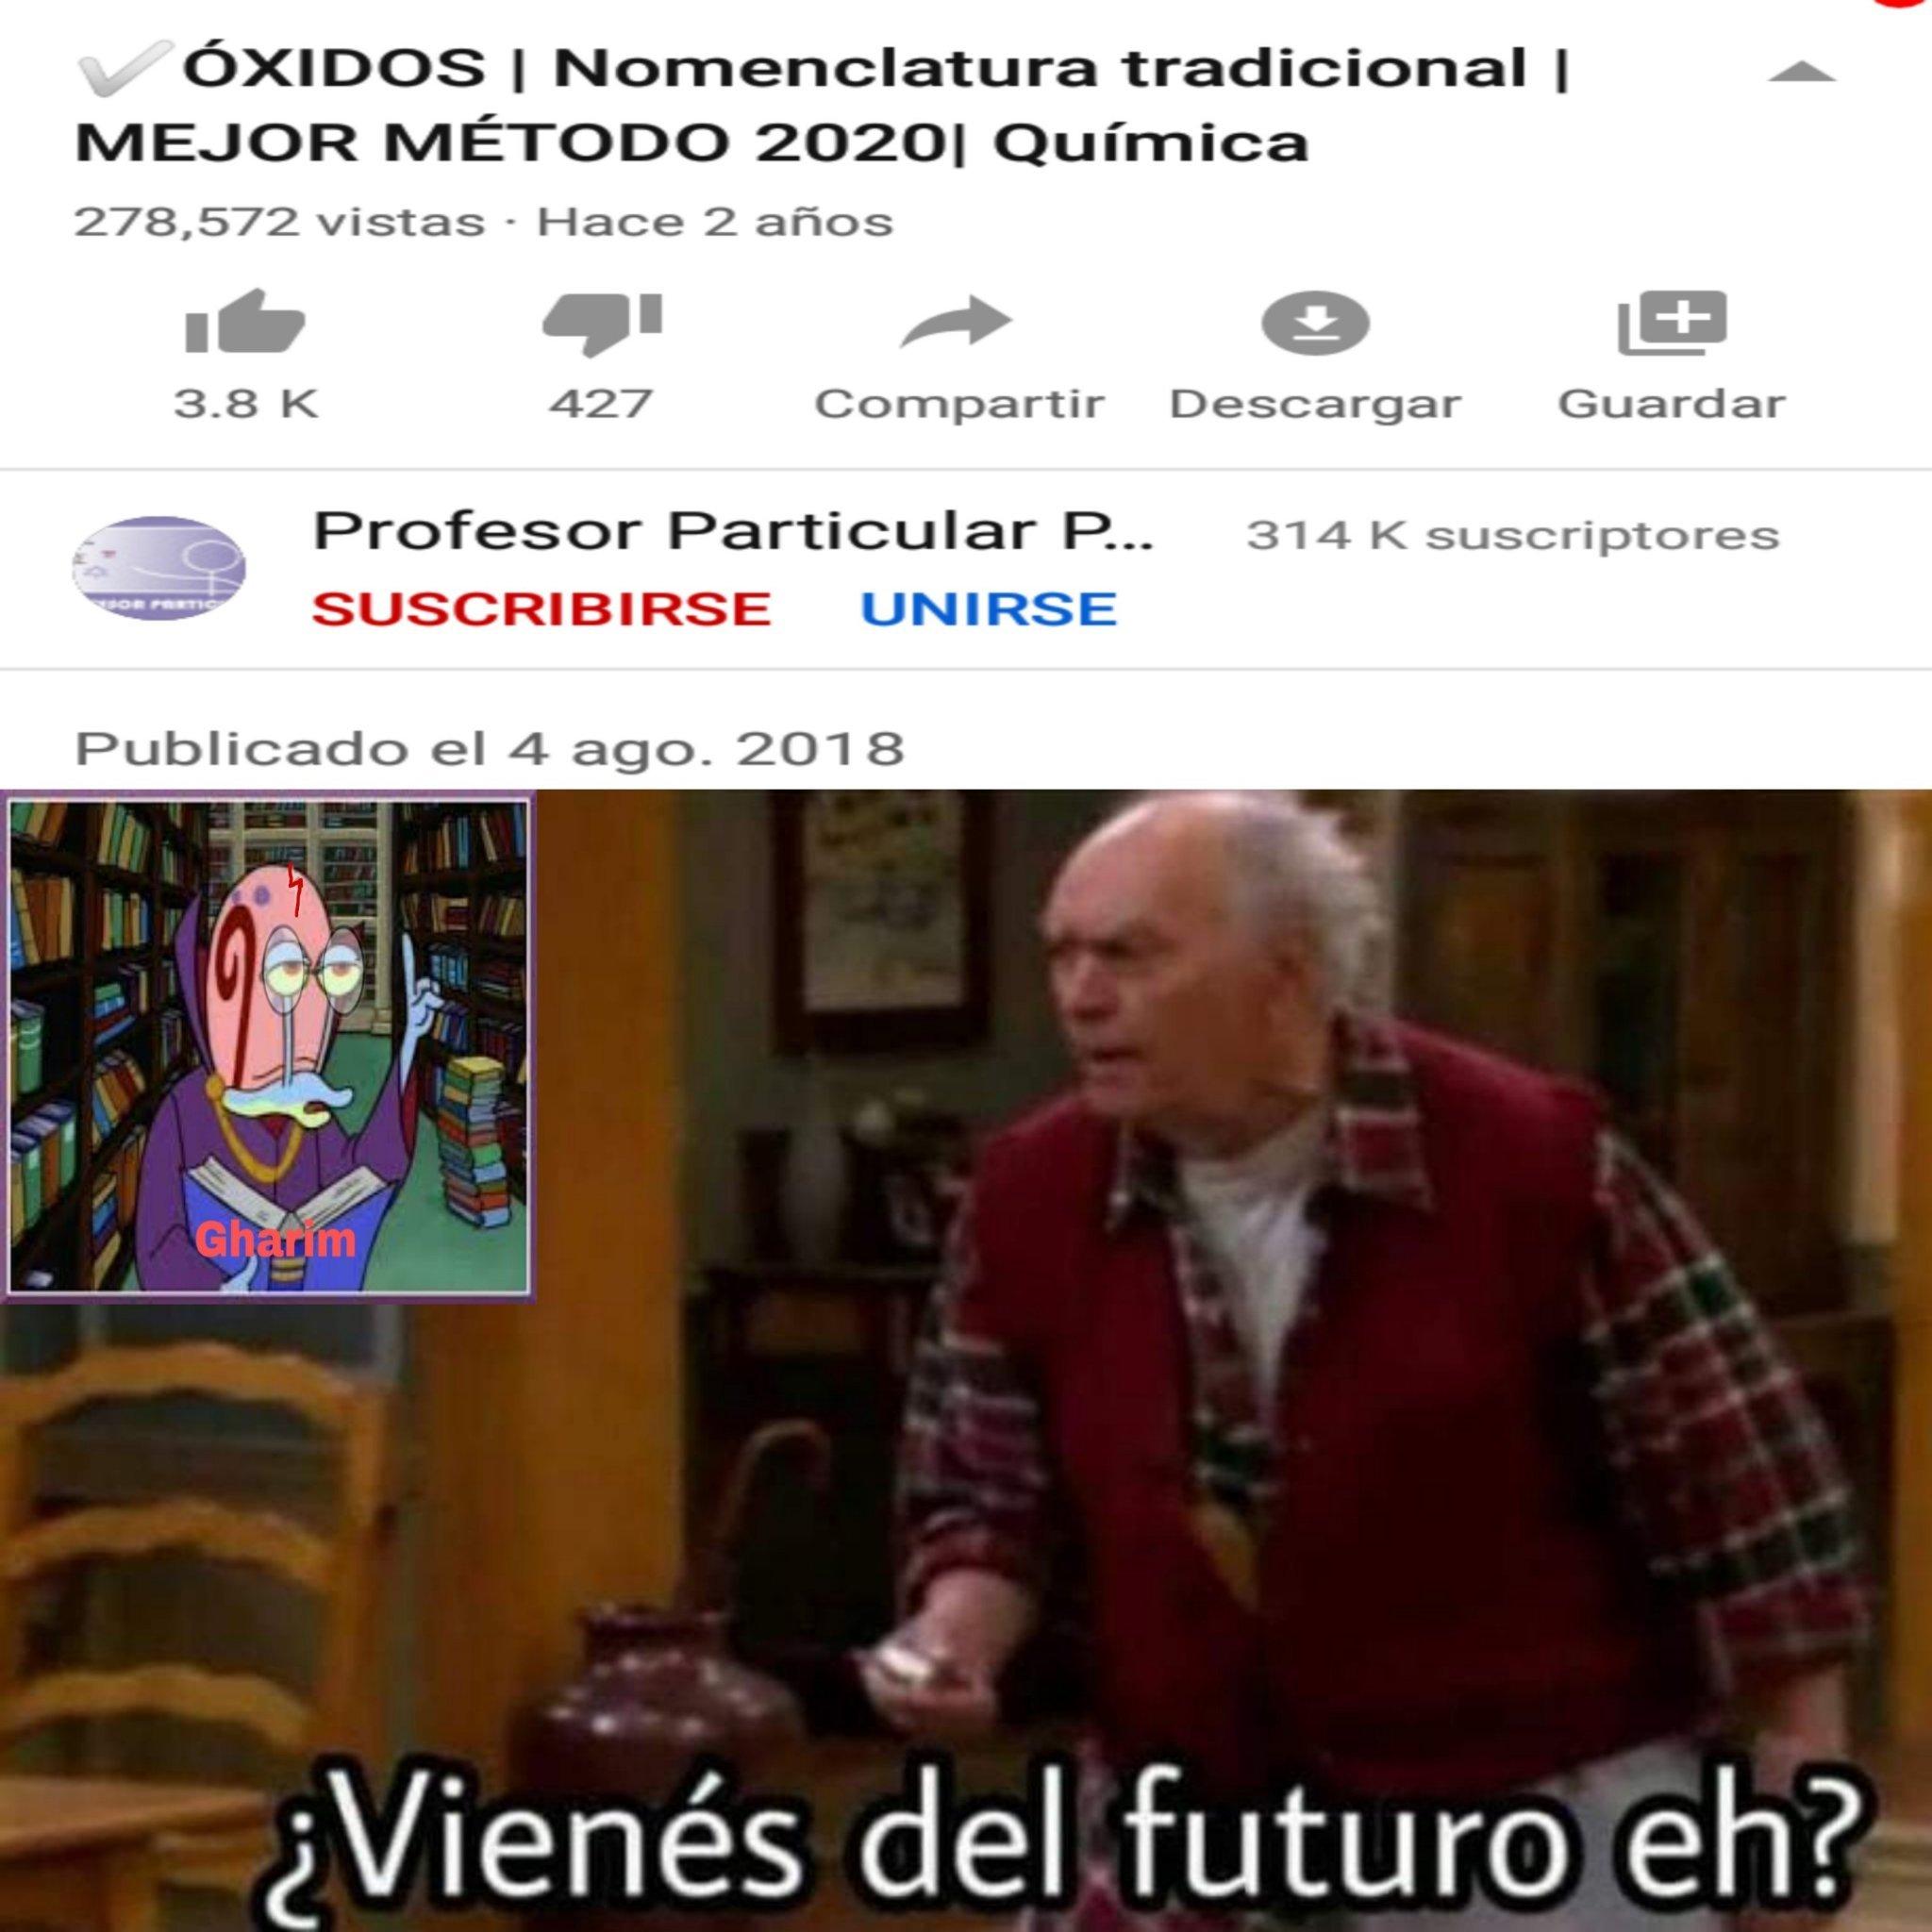 Trabajos de Cuarentena - meme